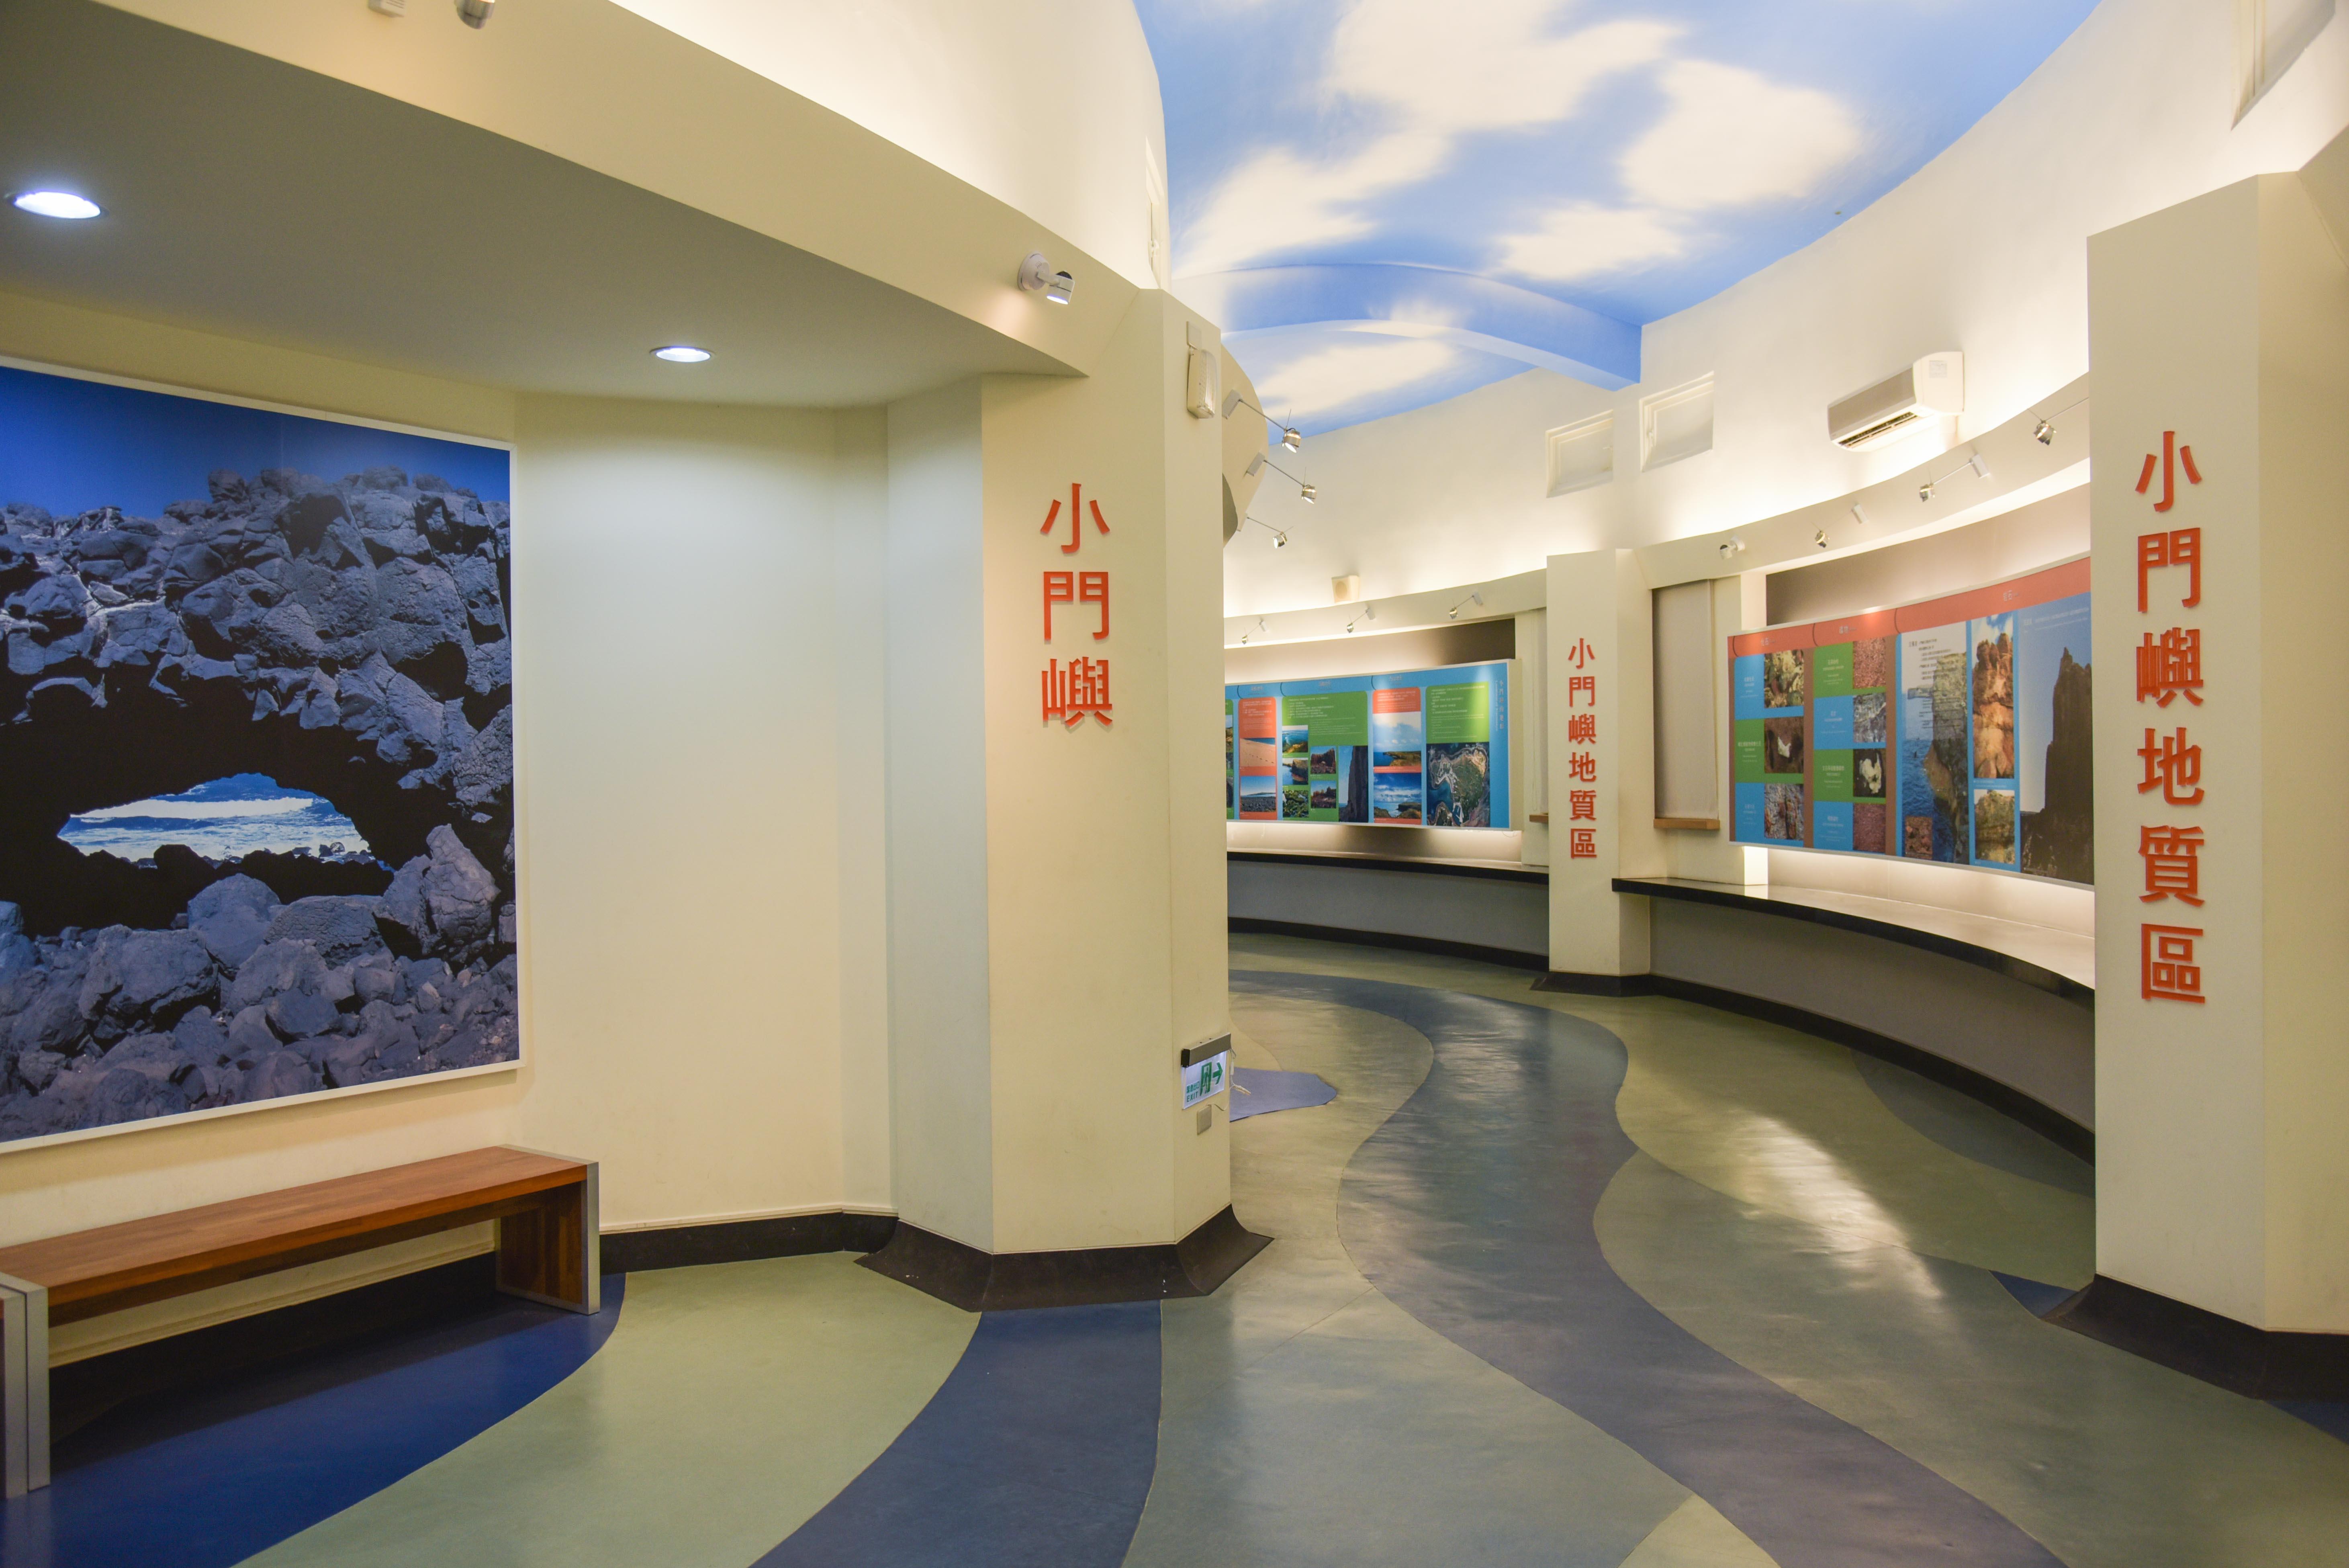 小門地質館室內展區